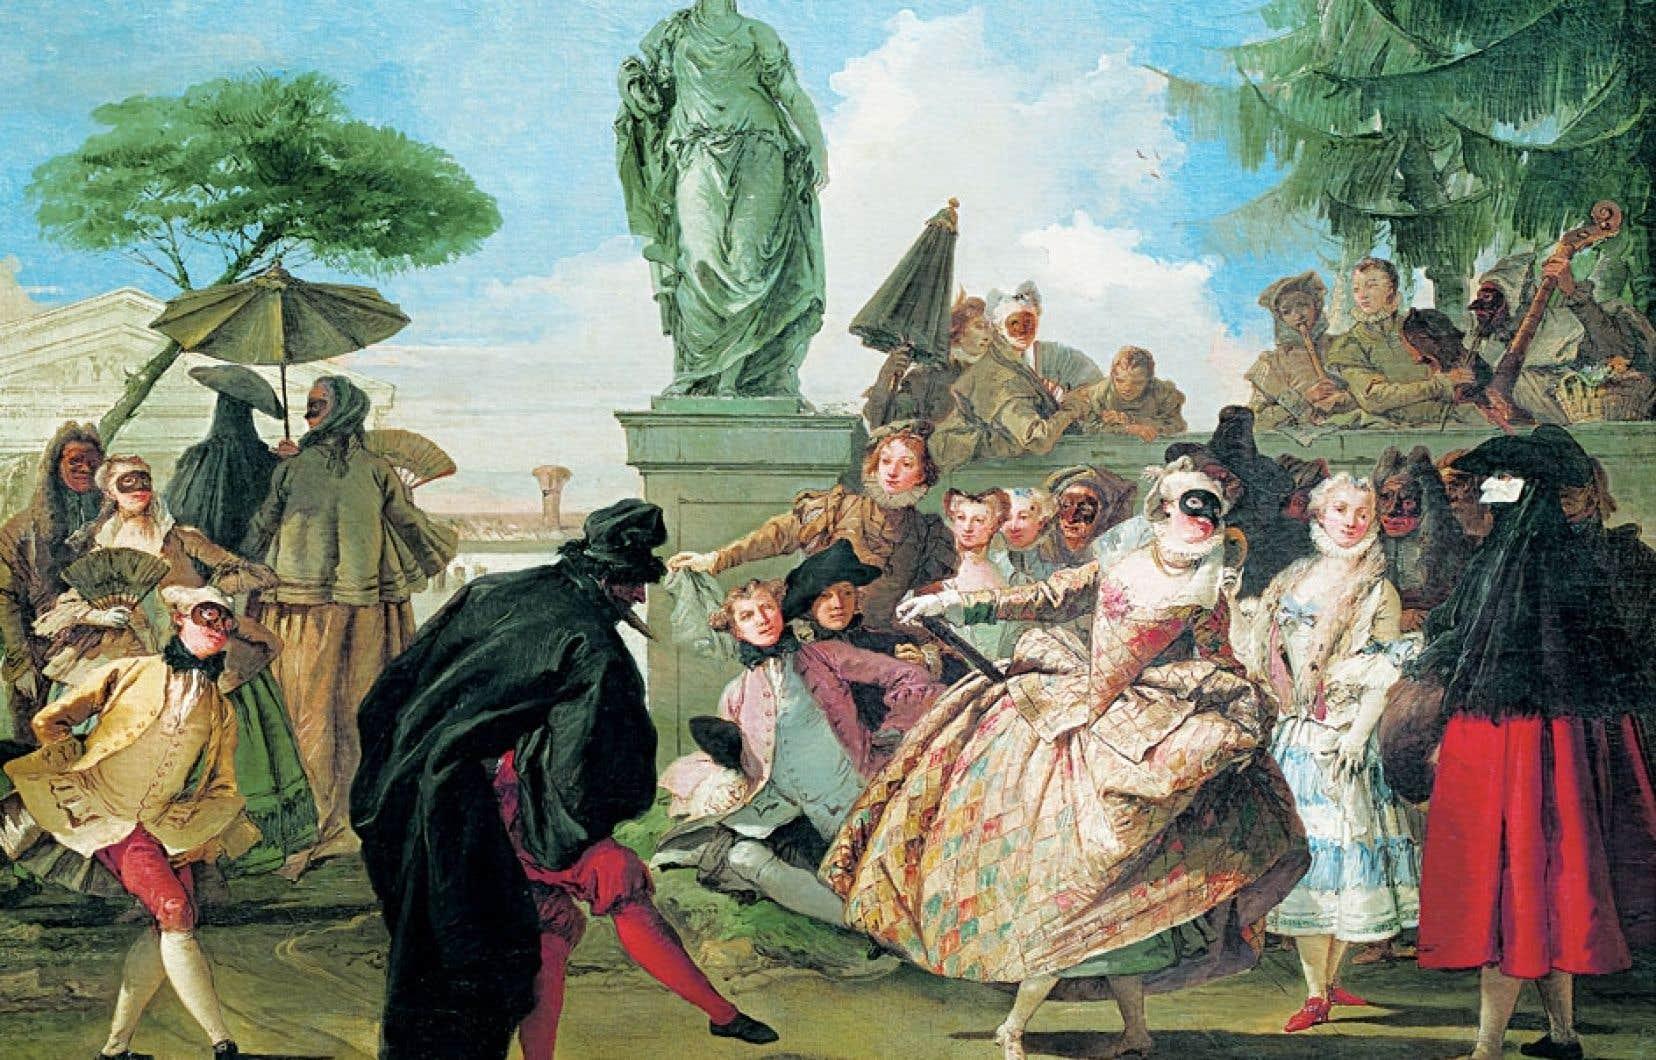 Giandomenico Tiepolo, Le menuet, 1756, Barcelone, Museu Nacional d'Art de Catalunya.